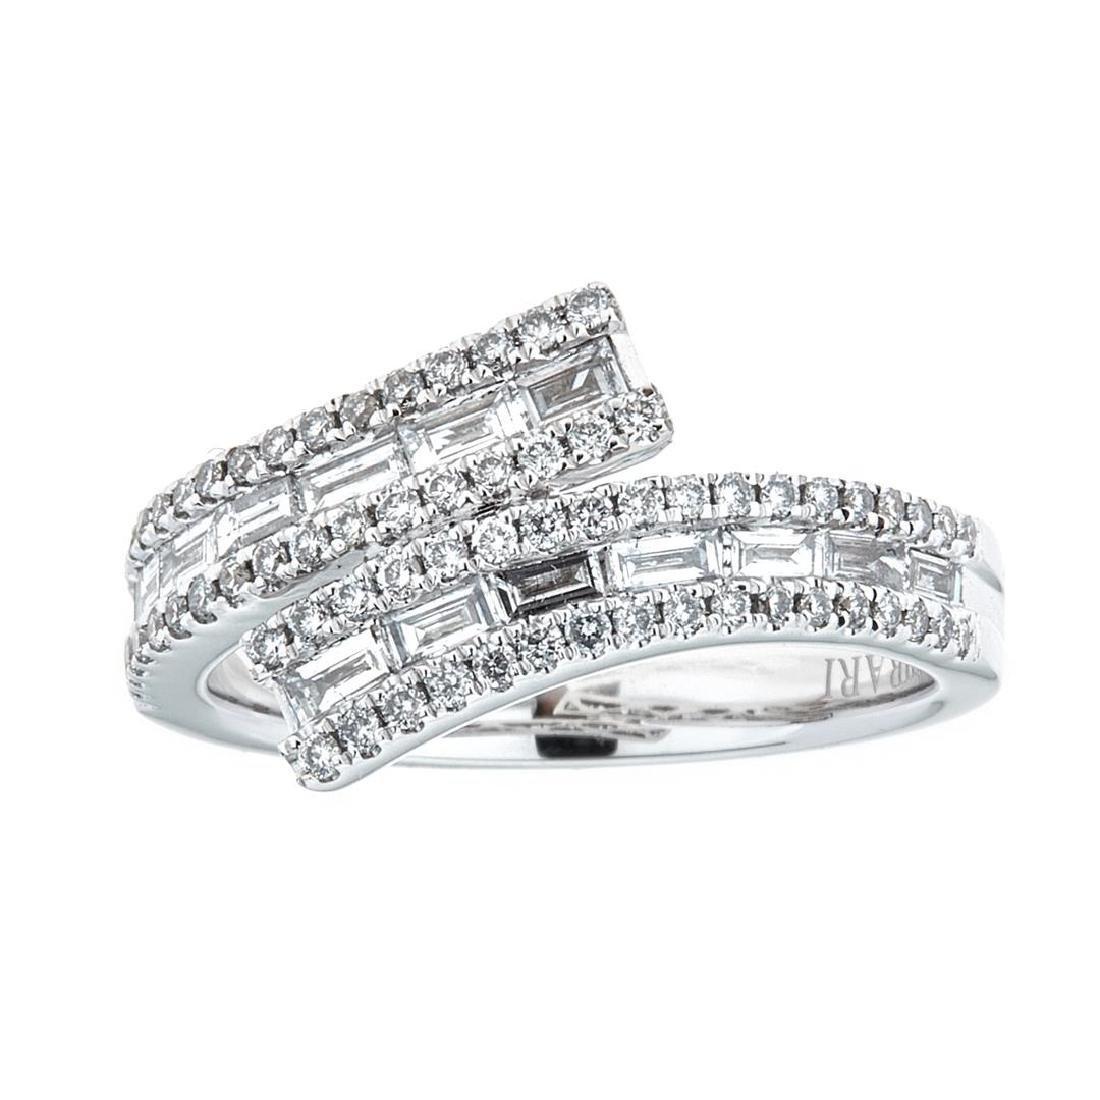 0.85 ctw Diamond Ring - 18KT White Gold